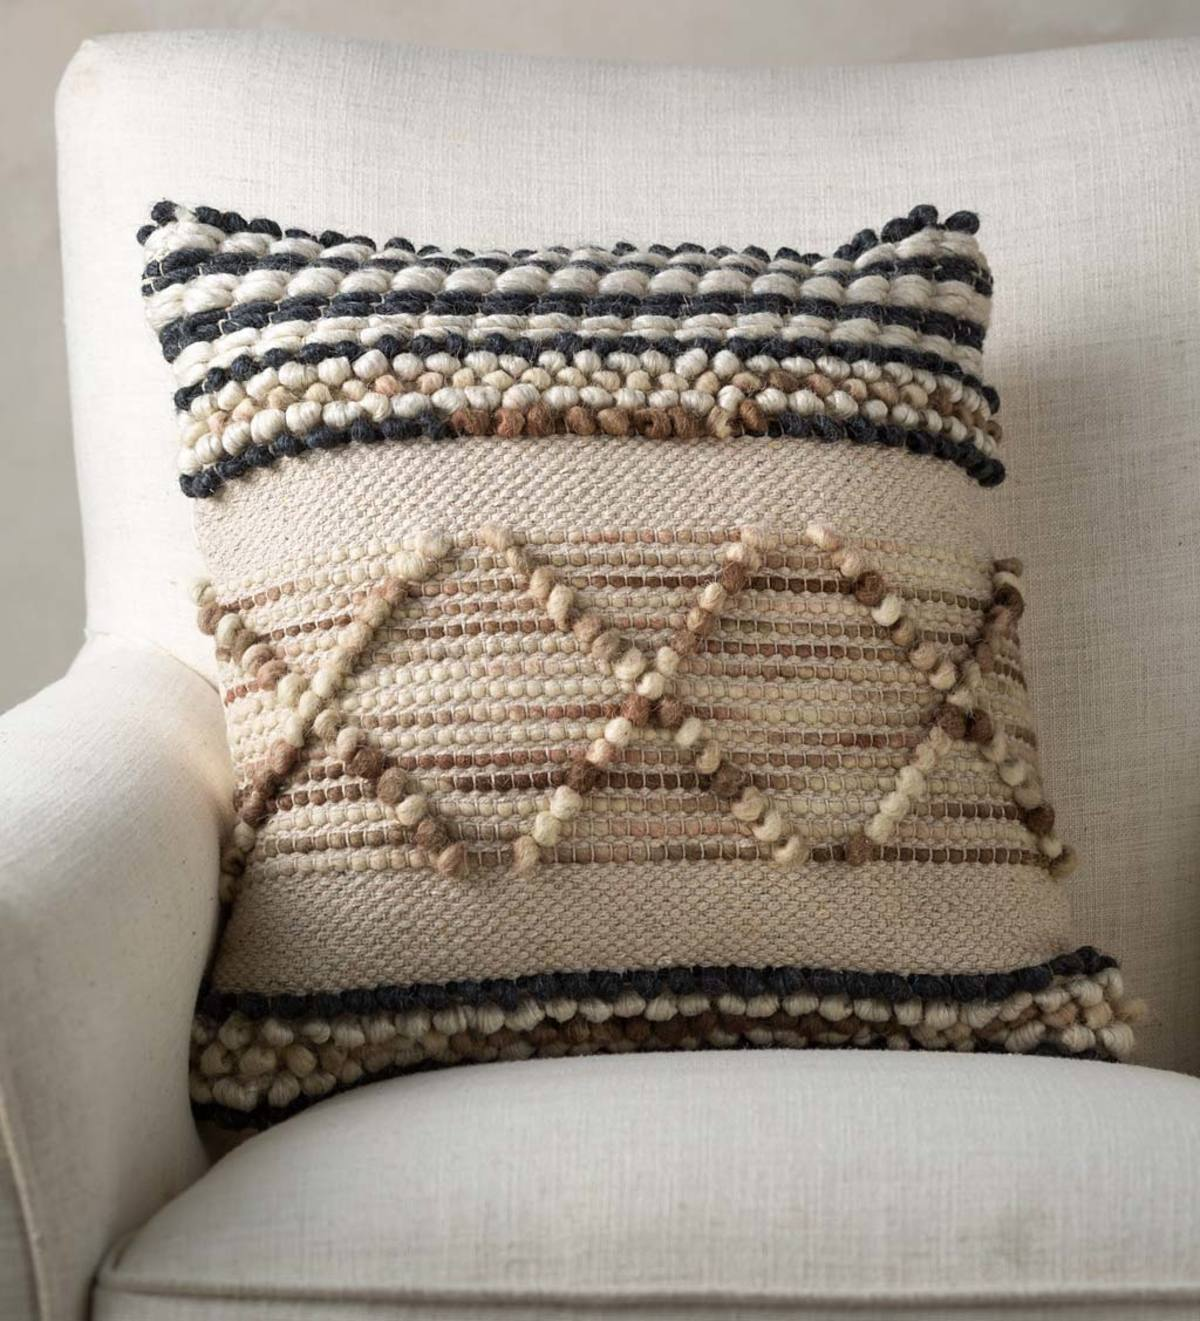 Woven Boho Textured Throw Pillow Striped Pebble Vivaterra